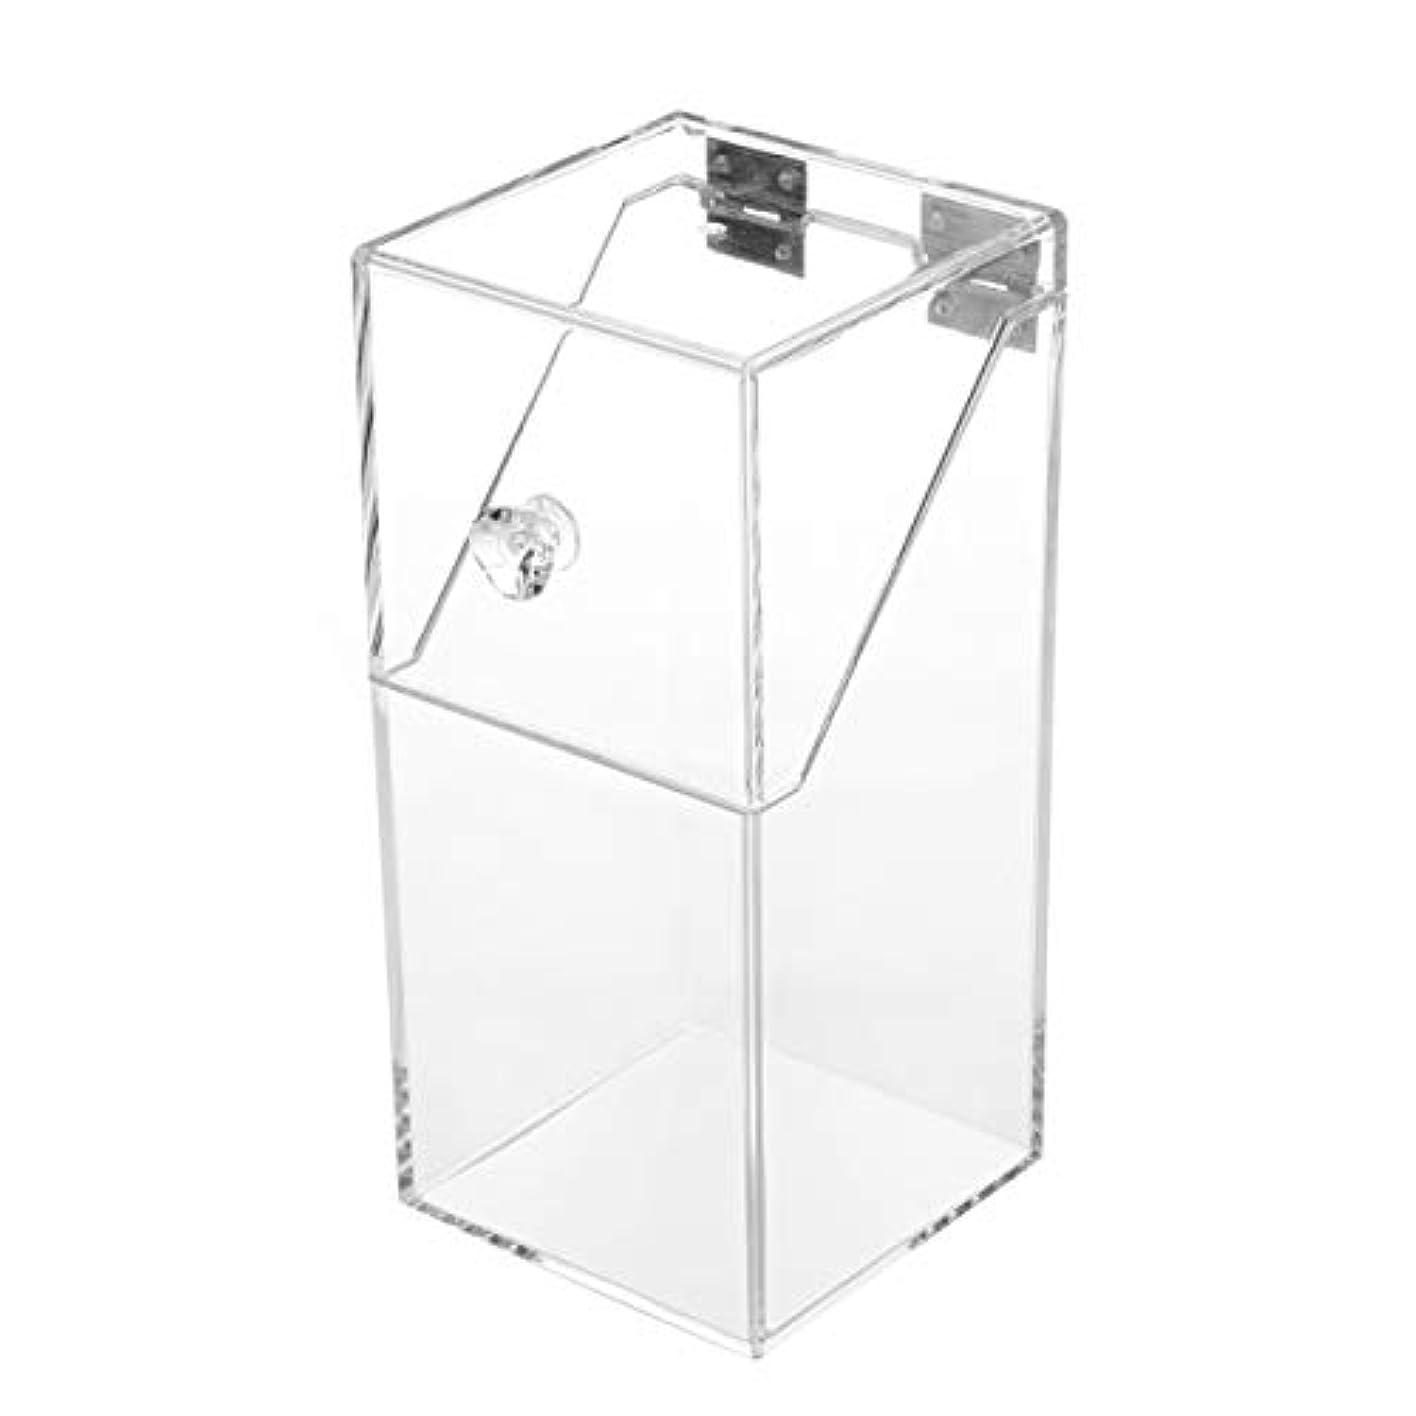 我慢する入力ブロックSaikogoods 透明アクリルメイクアレンジストレージボックスシンプルなデザイン透明卓上化粧ブラシホルダーオーガナイザーケース トランスペアレント L